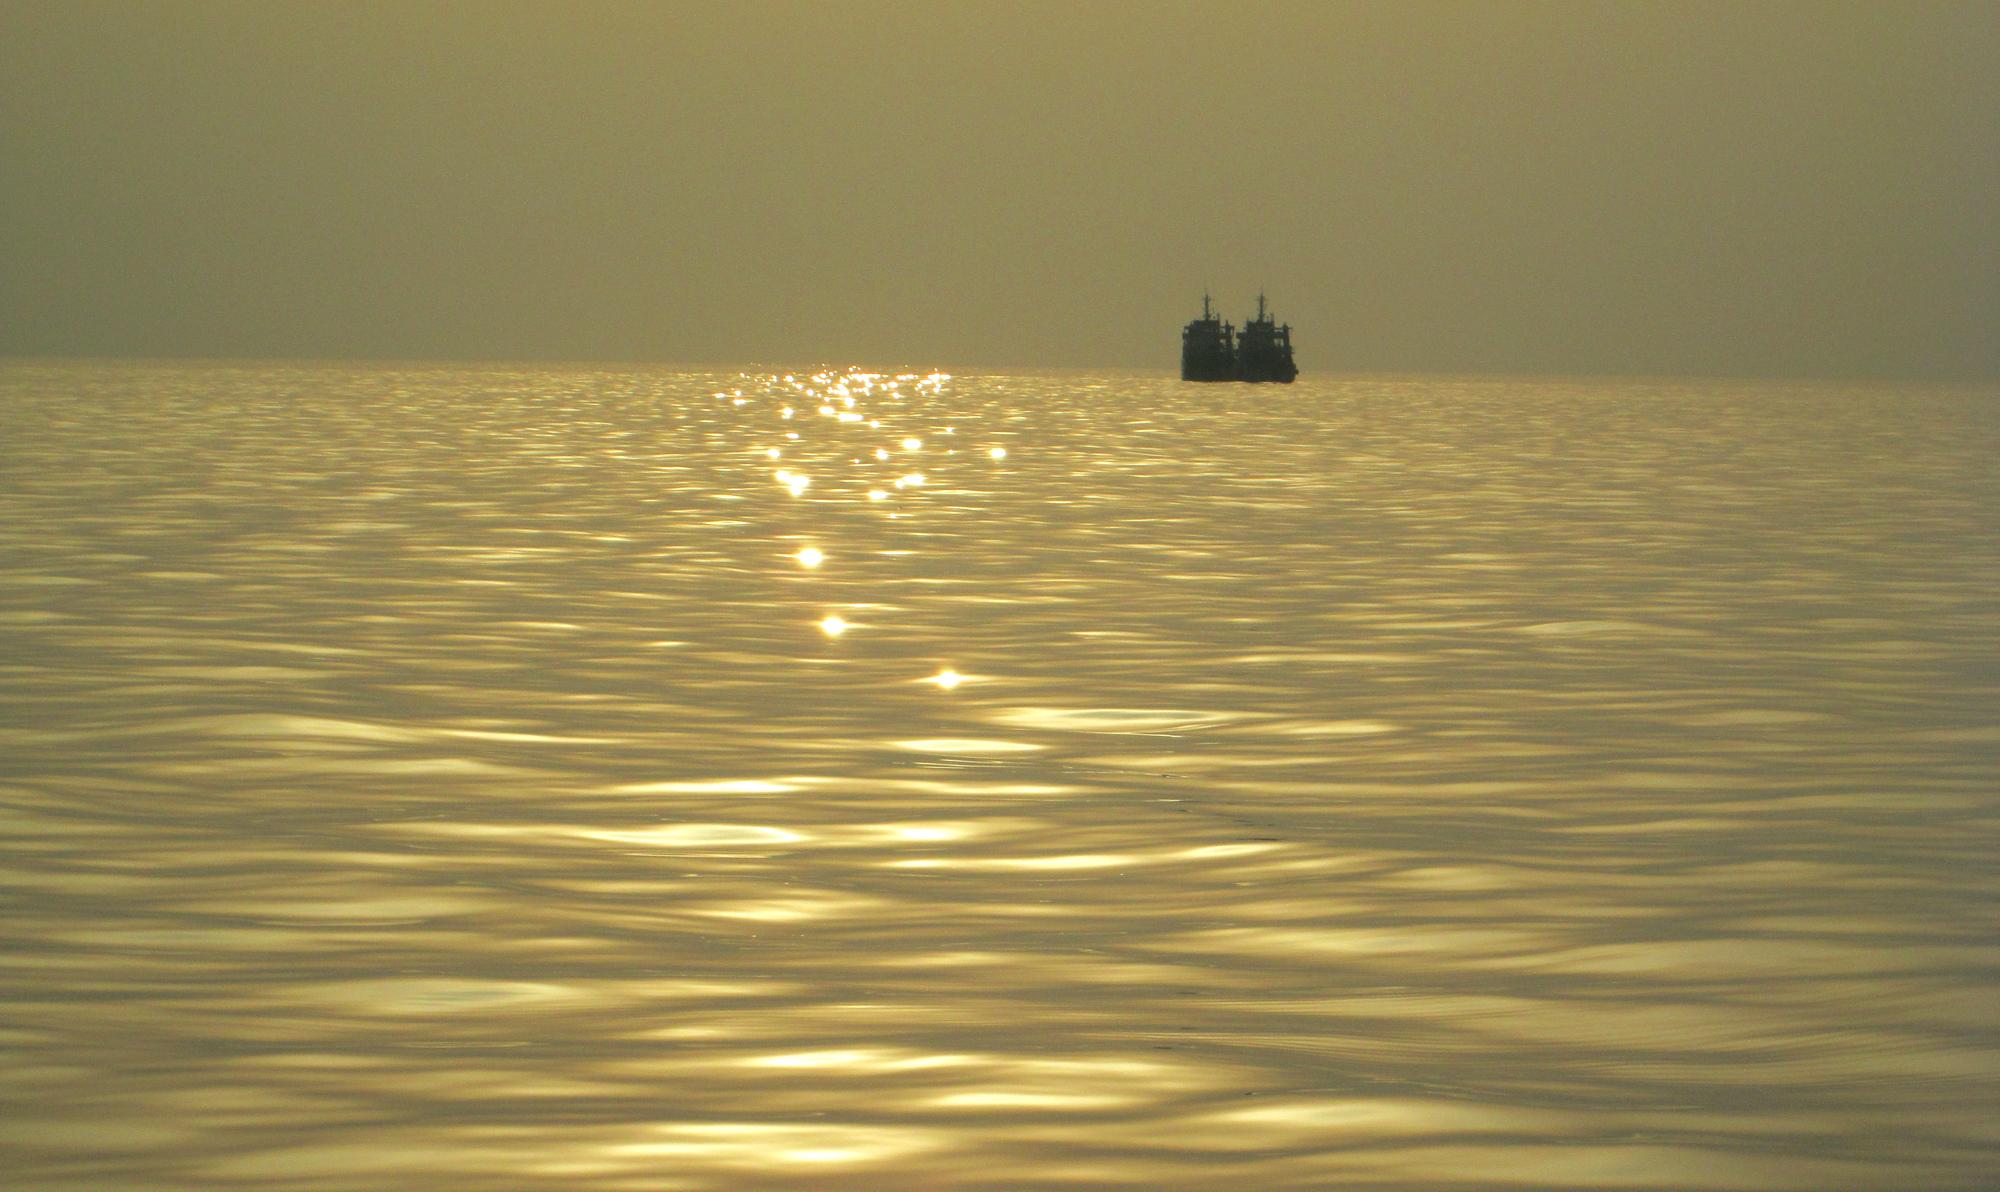 طلوع خلیج فارس